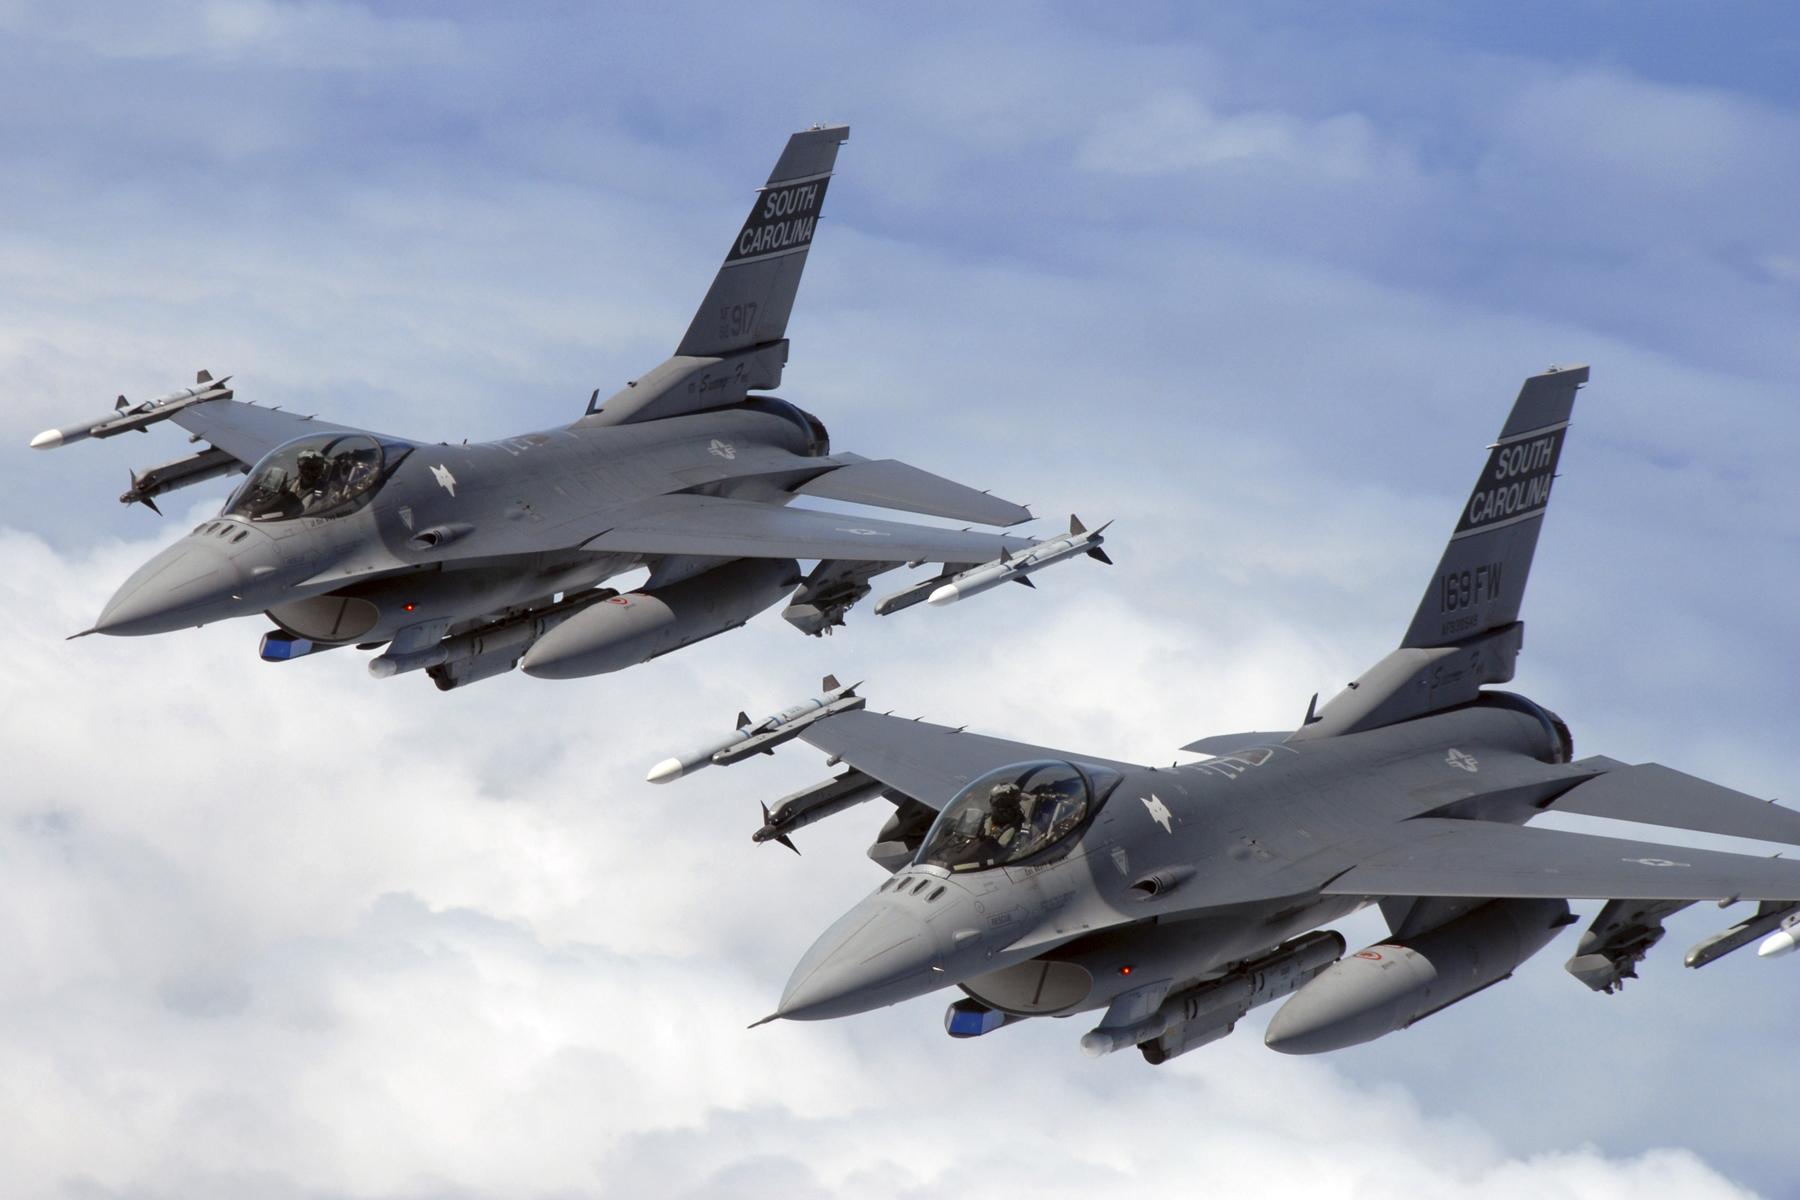 2 F-16s